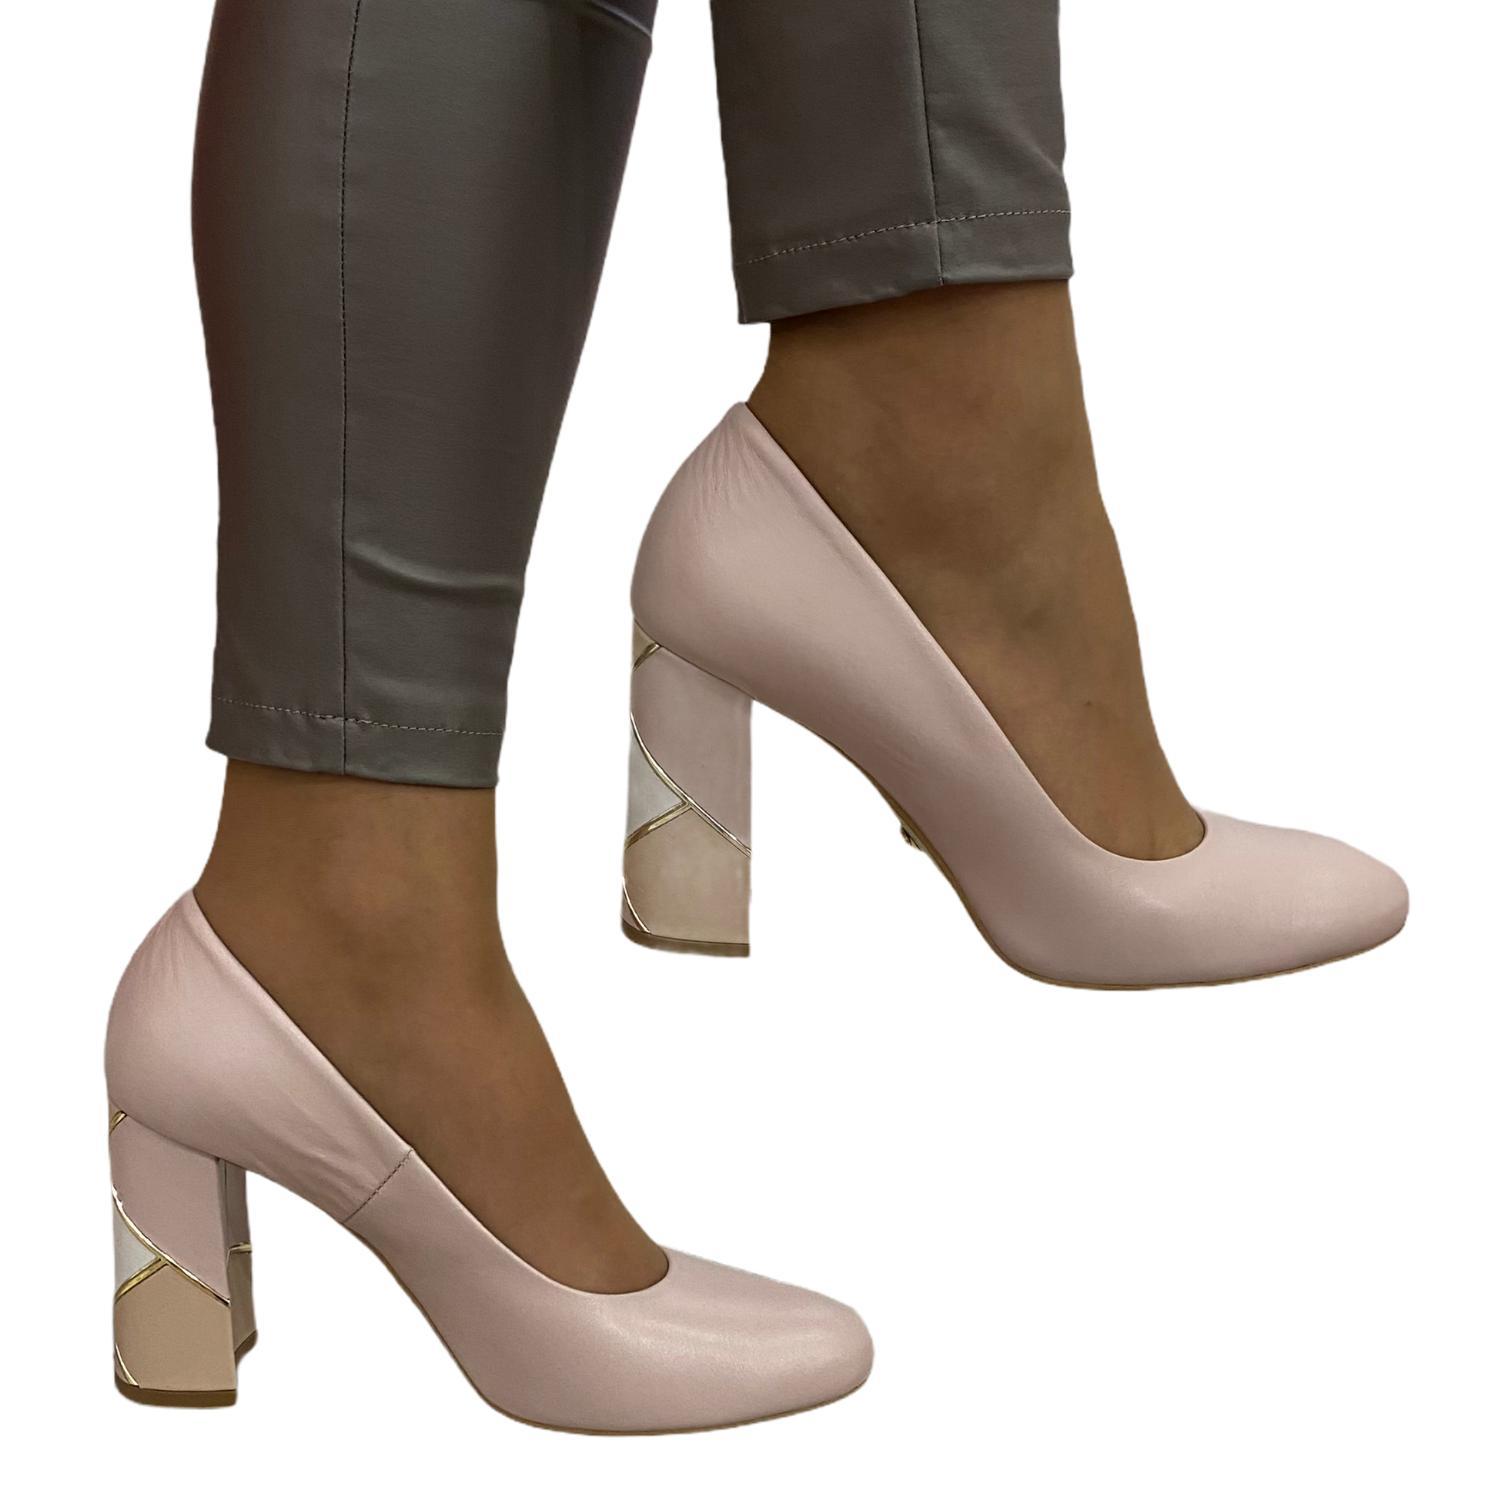 Pantofi Kordel roz cu toc cu model